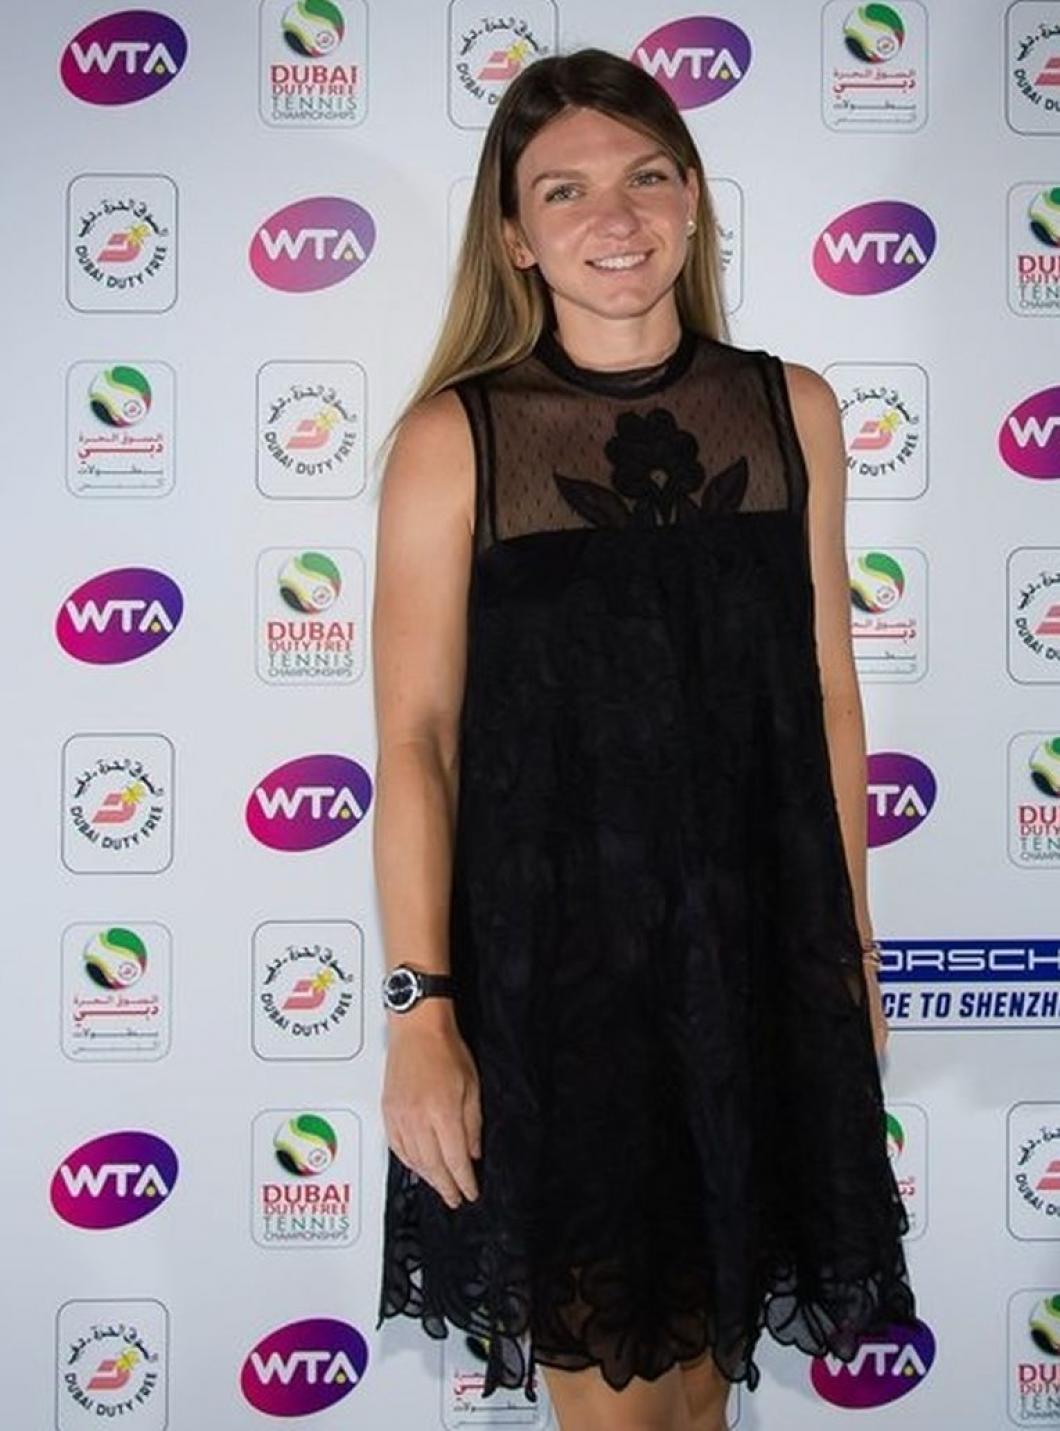 Simona Halep, apariție surpriză la petrecerea jucătoarelor de la Dubai. Fanii o văd rar îmbrăcată așa. Foto